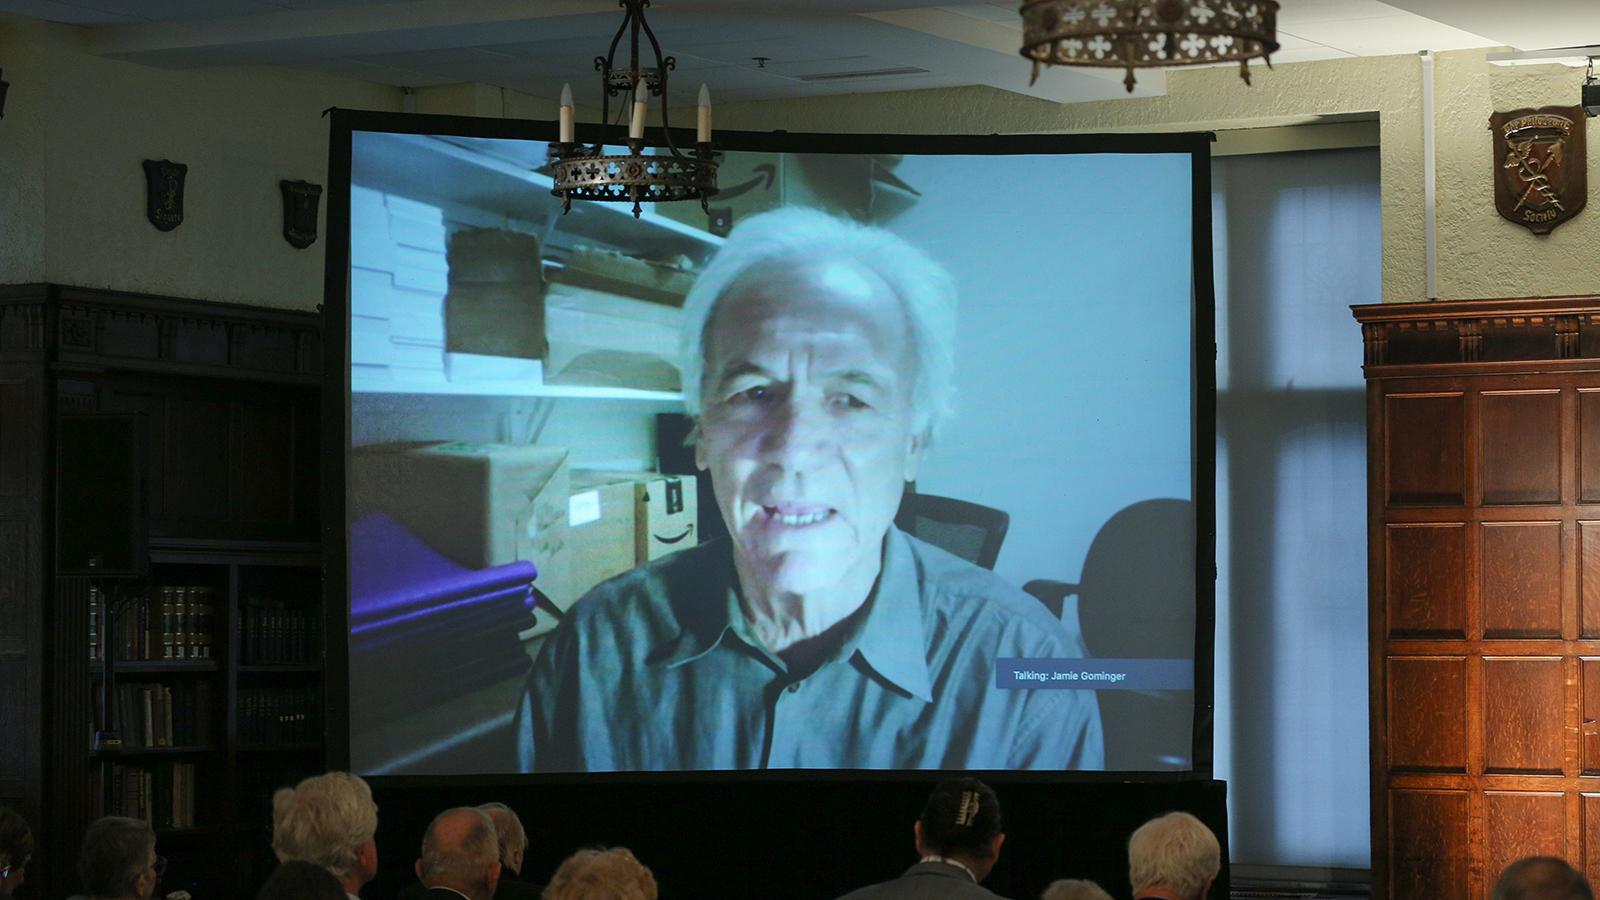 Brian Thomas Swimme of the California Institute of Integral Studies participates via Zoom.